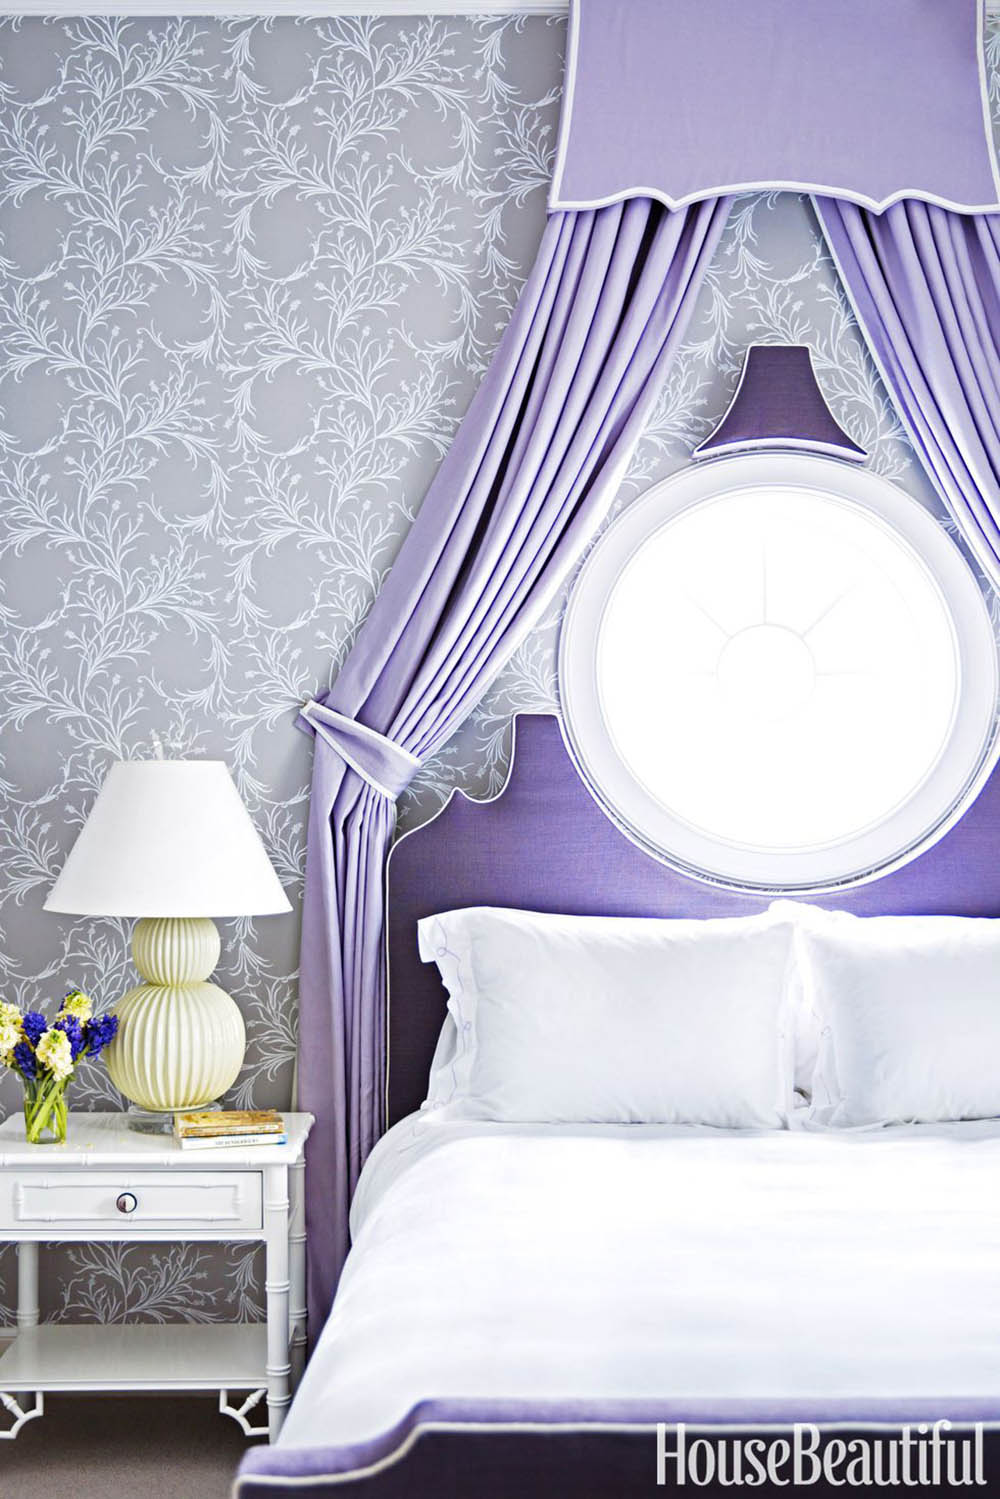 celerie-kemble-lindsey-herod-guest-bedroom-0517.jpg